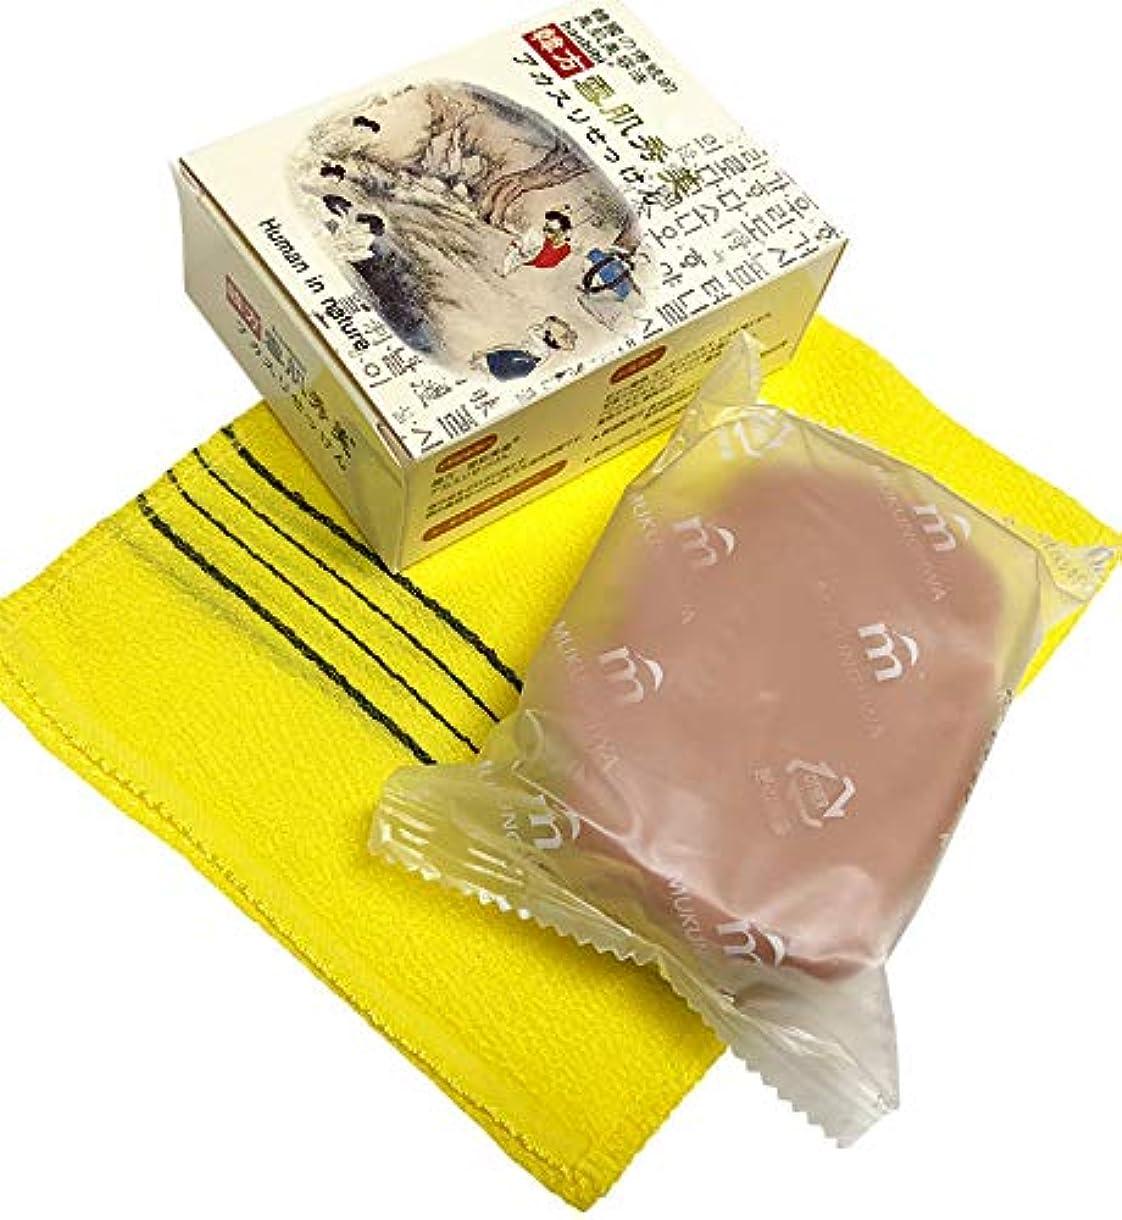 揺れる染料スリット韓方[雪肌秀美]蜂蜜アカスリせっけん アカスリ専用タオル付き 体顔美容兼用